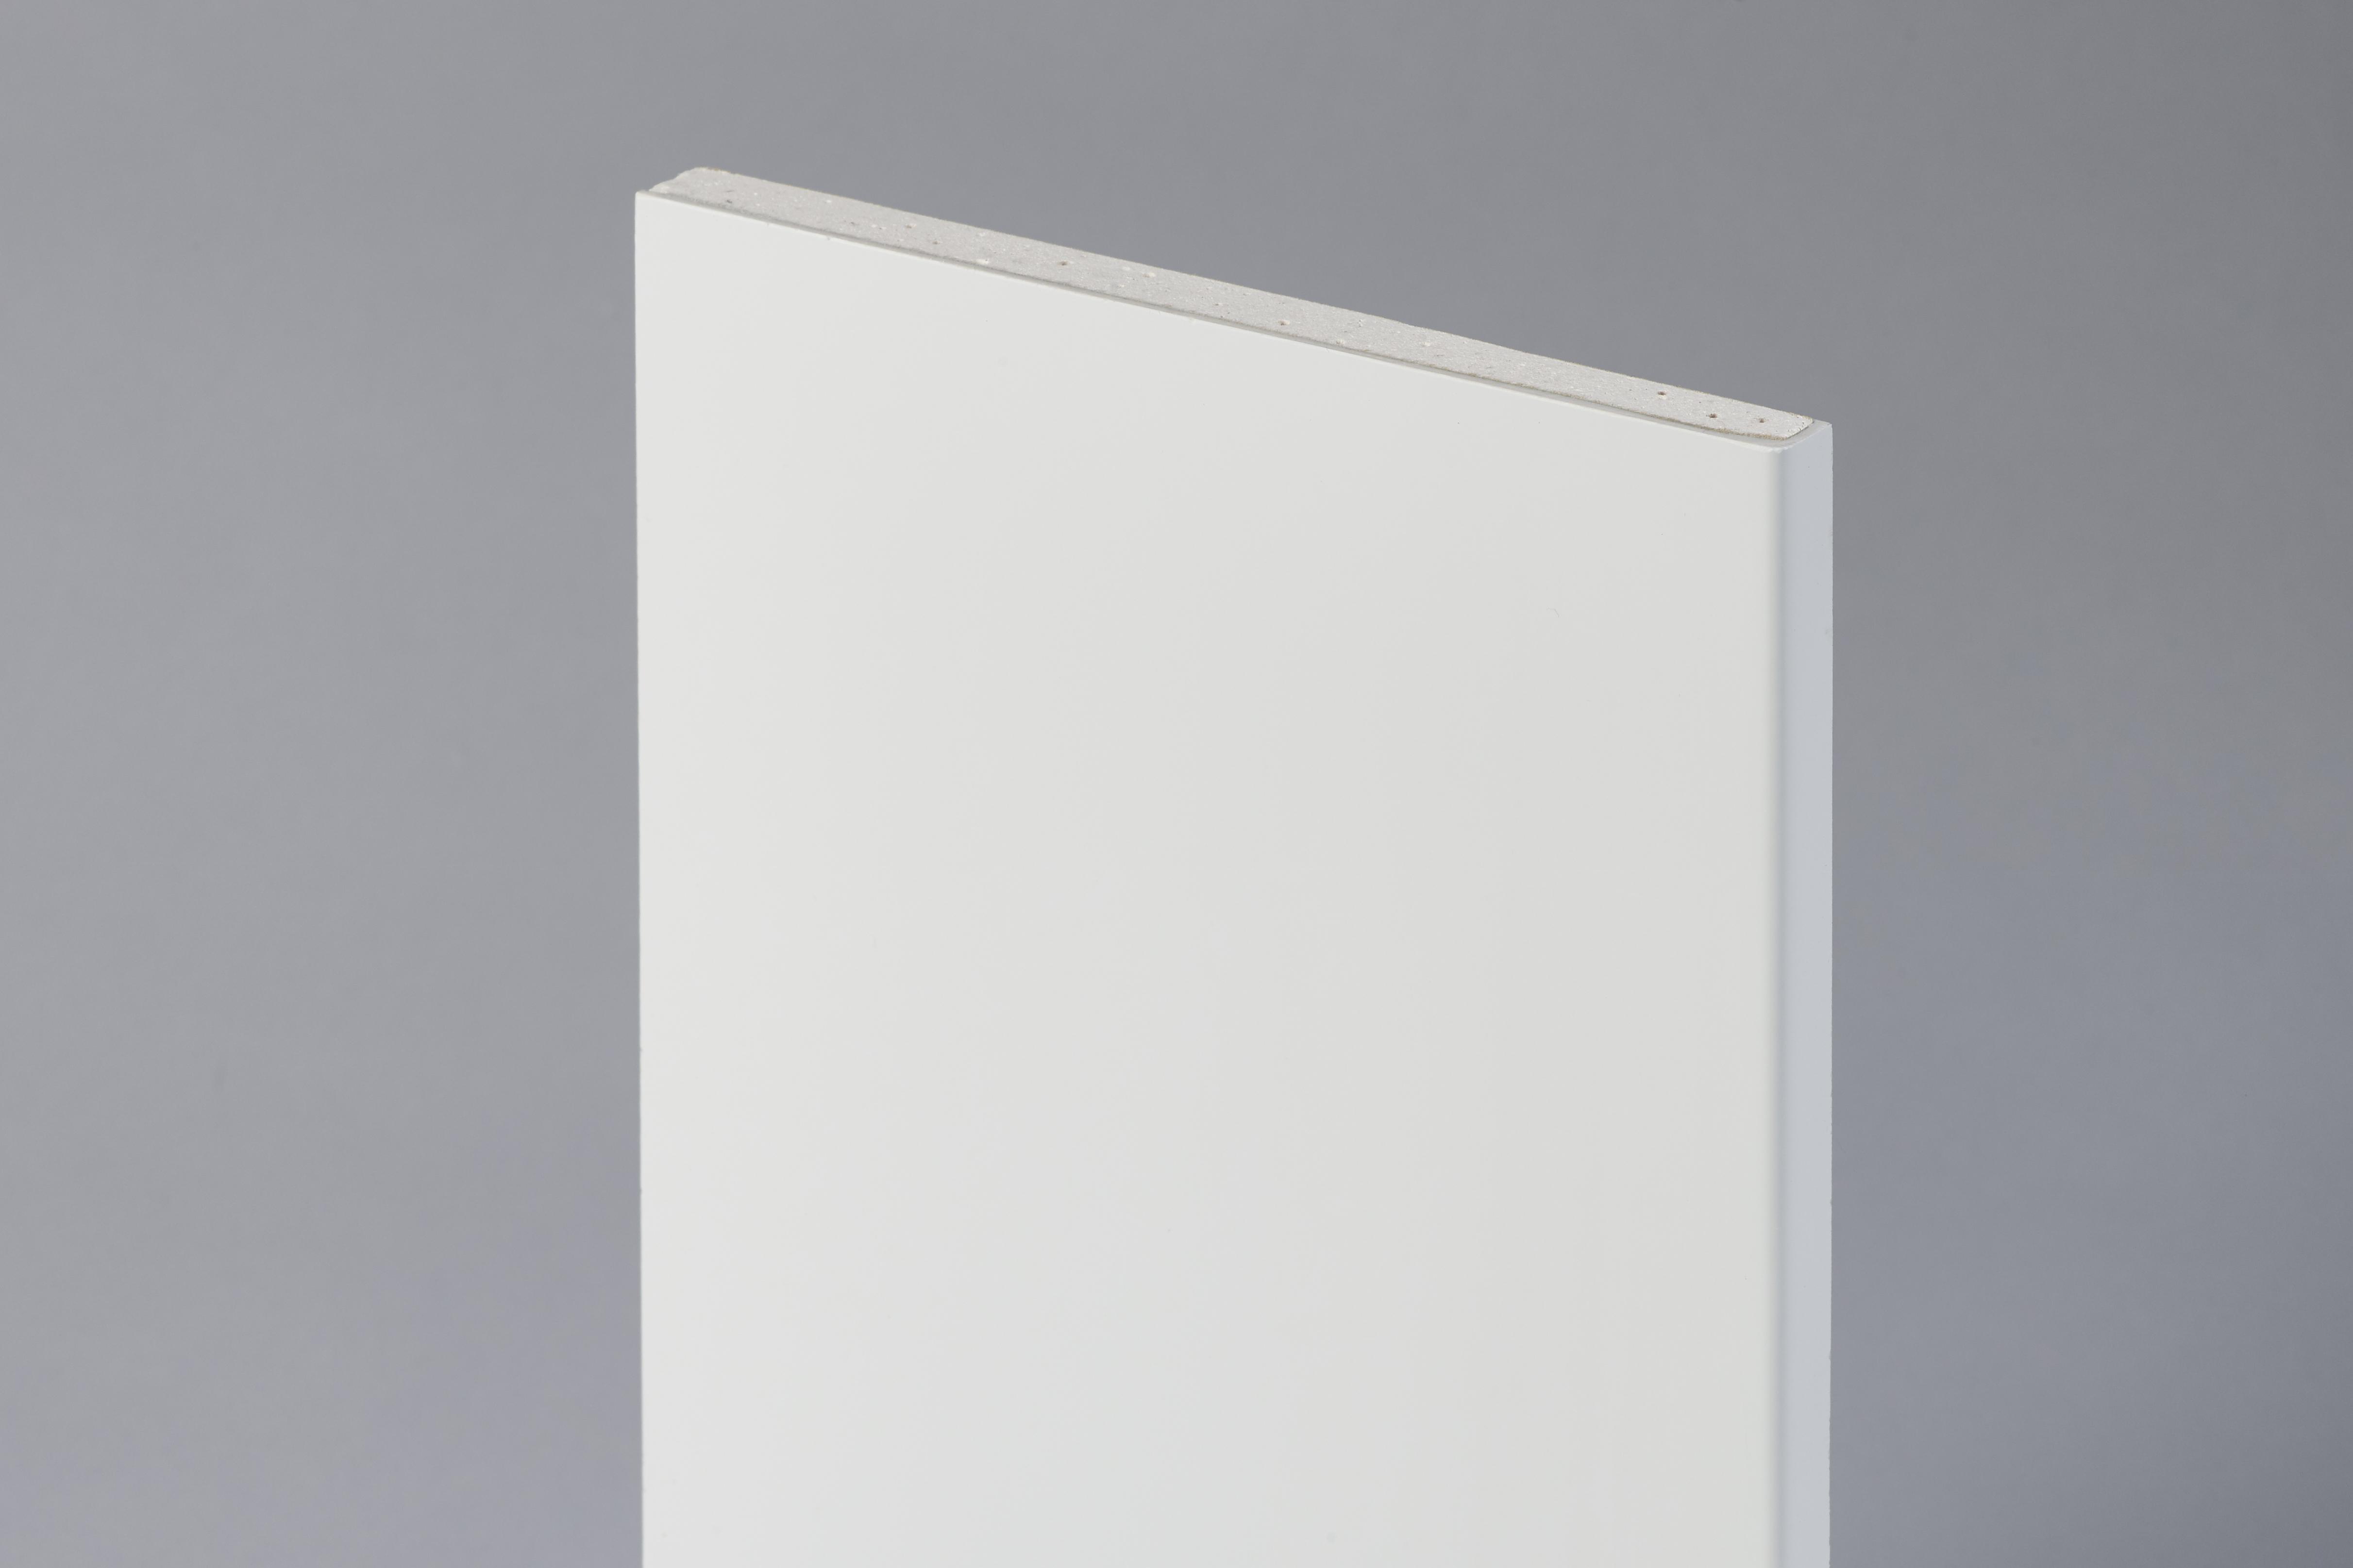 Plaque de plâtre hydro revêtue d'un parement de finition en polyester 15/10 ème